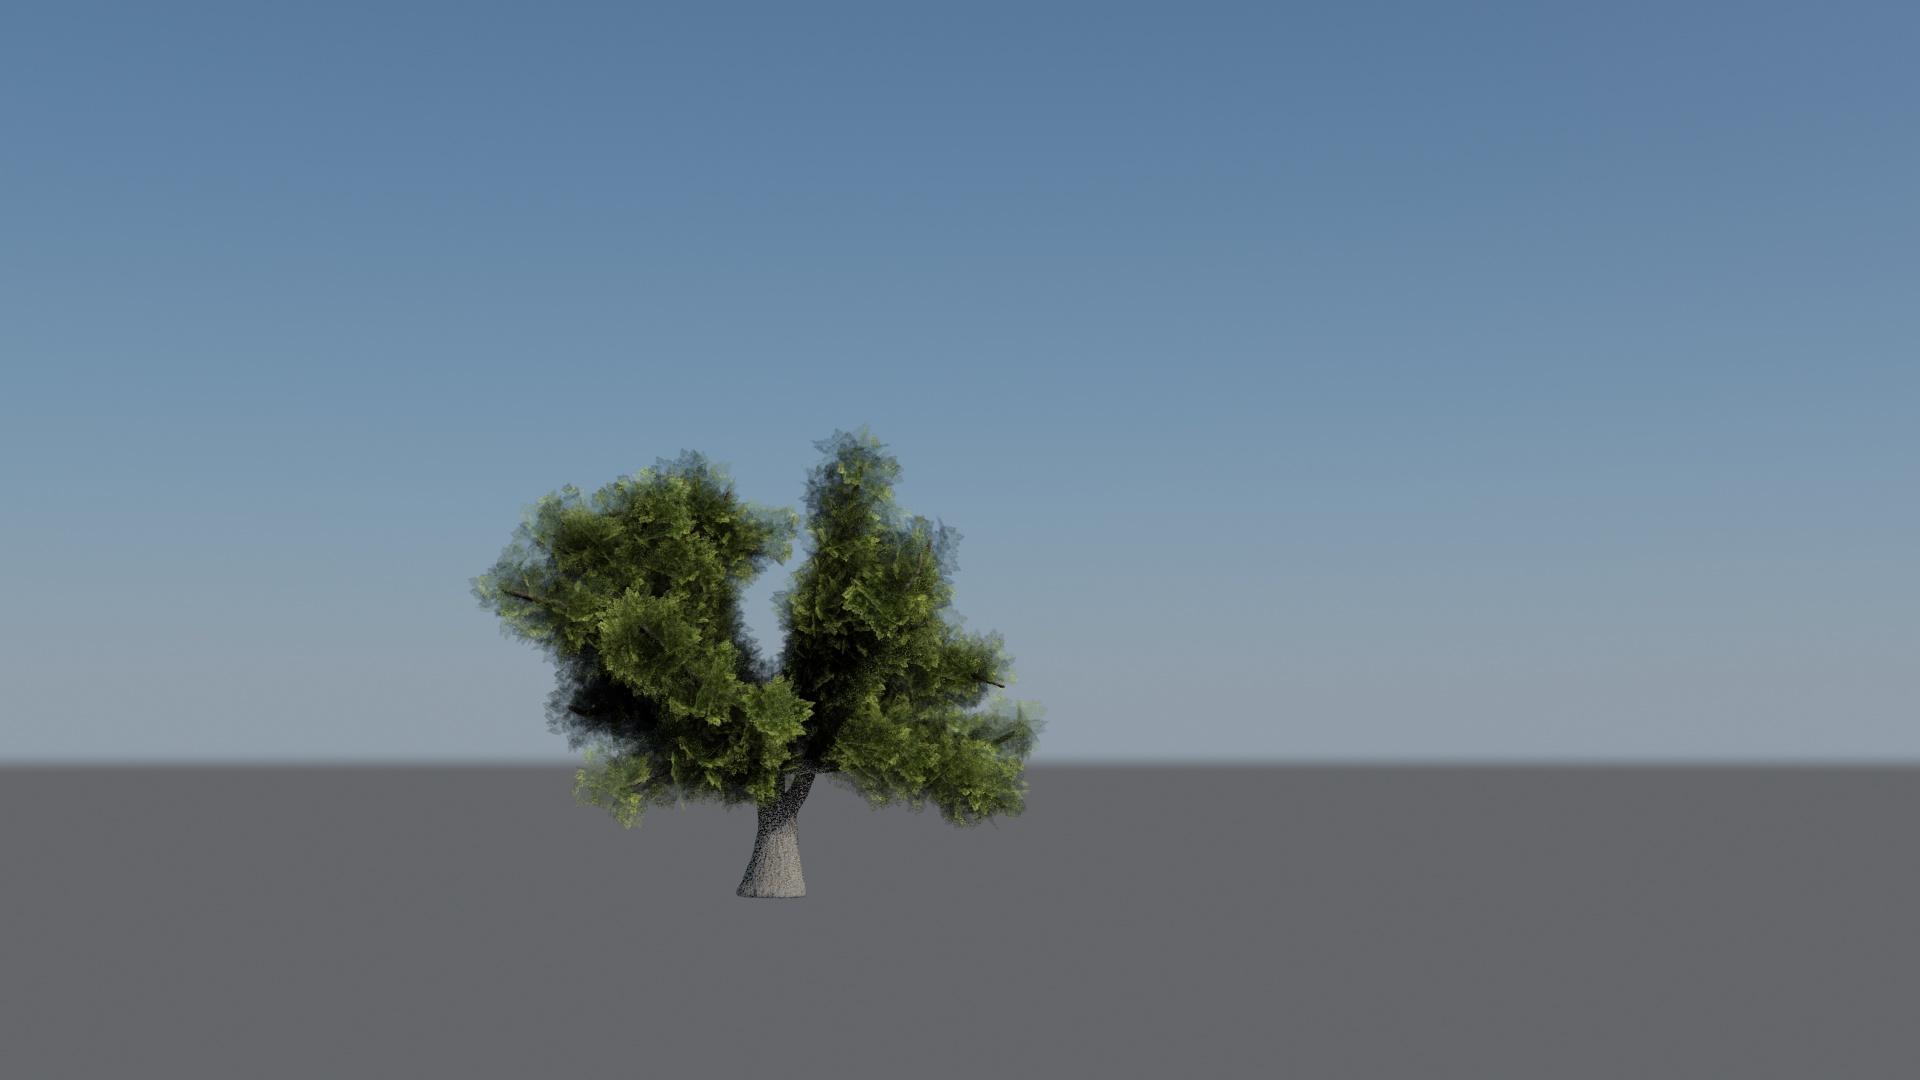 TreeC